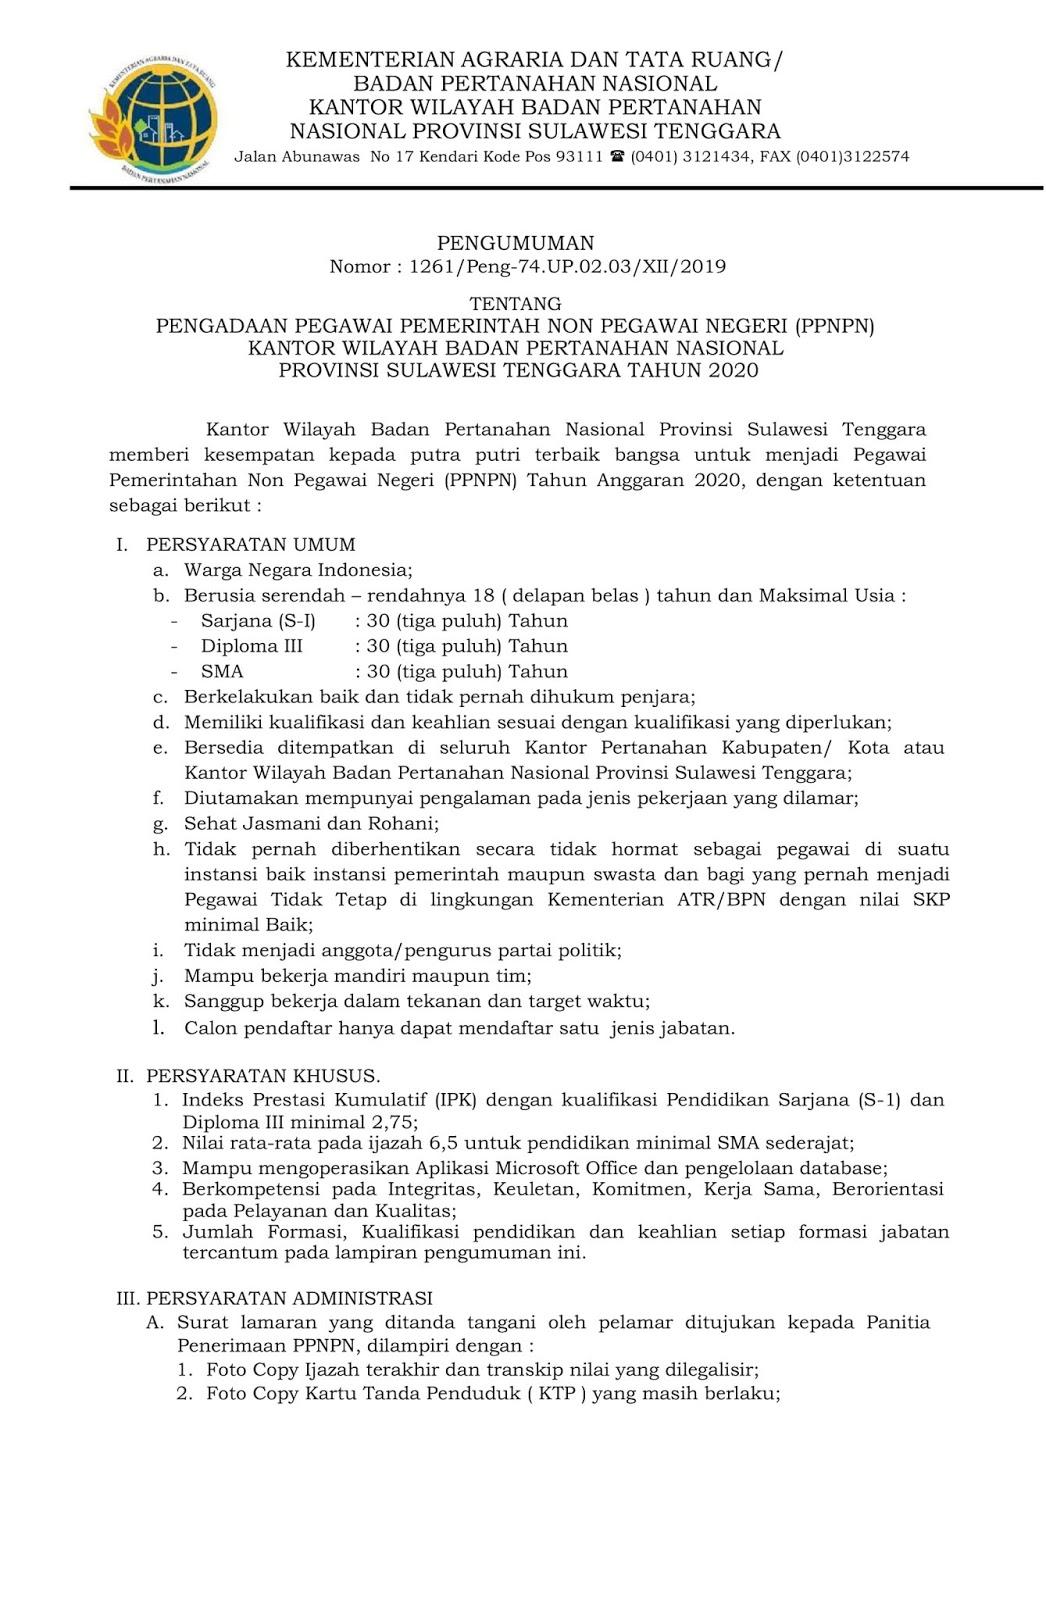 Rekrutmen Terbaru Badan Pertanahan Nasional Tingkat SMA D3 S1 [Dibuka 9 s.d 10 Desember 2019]